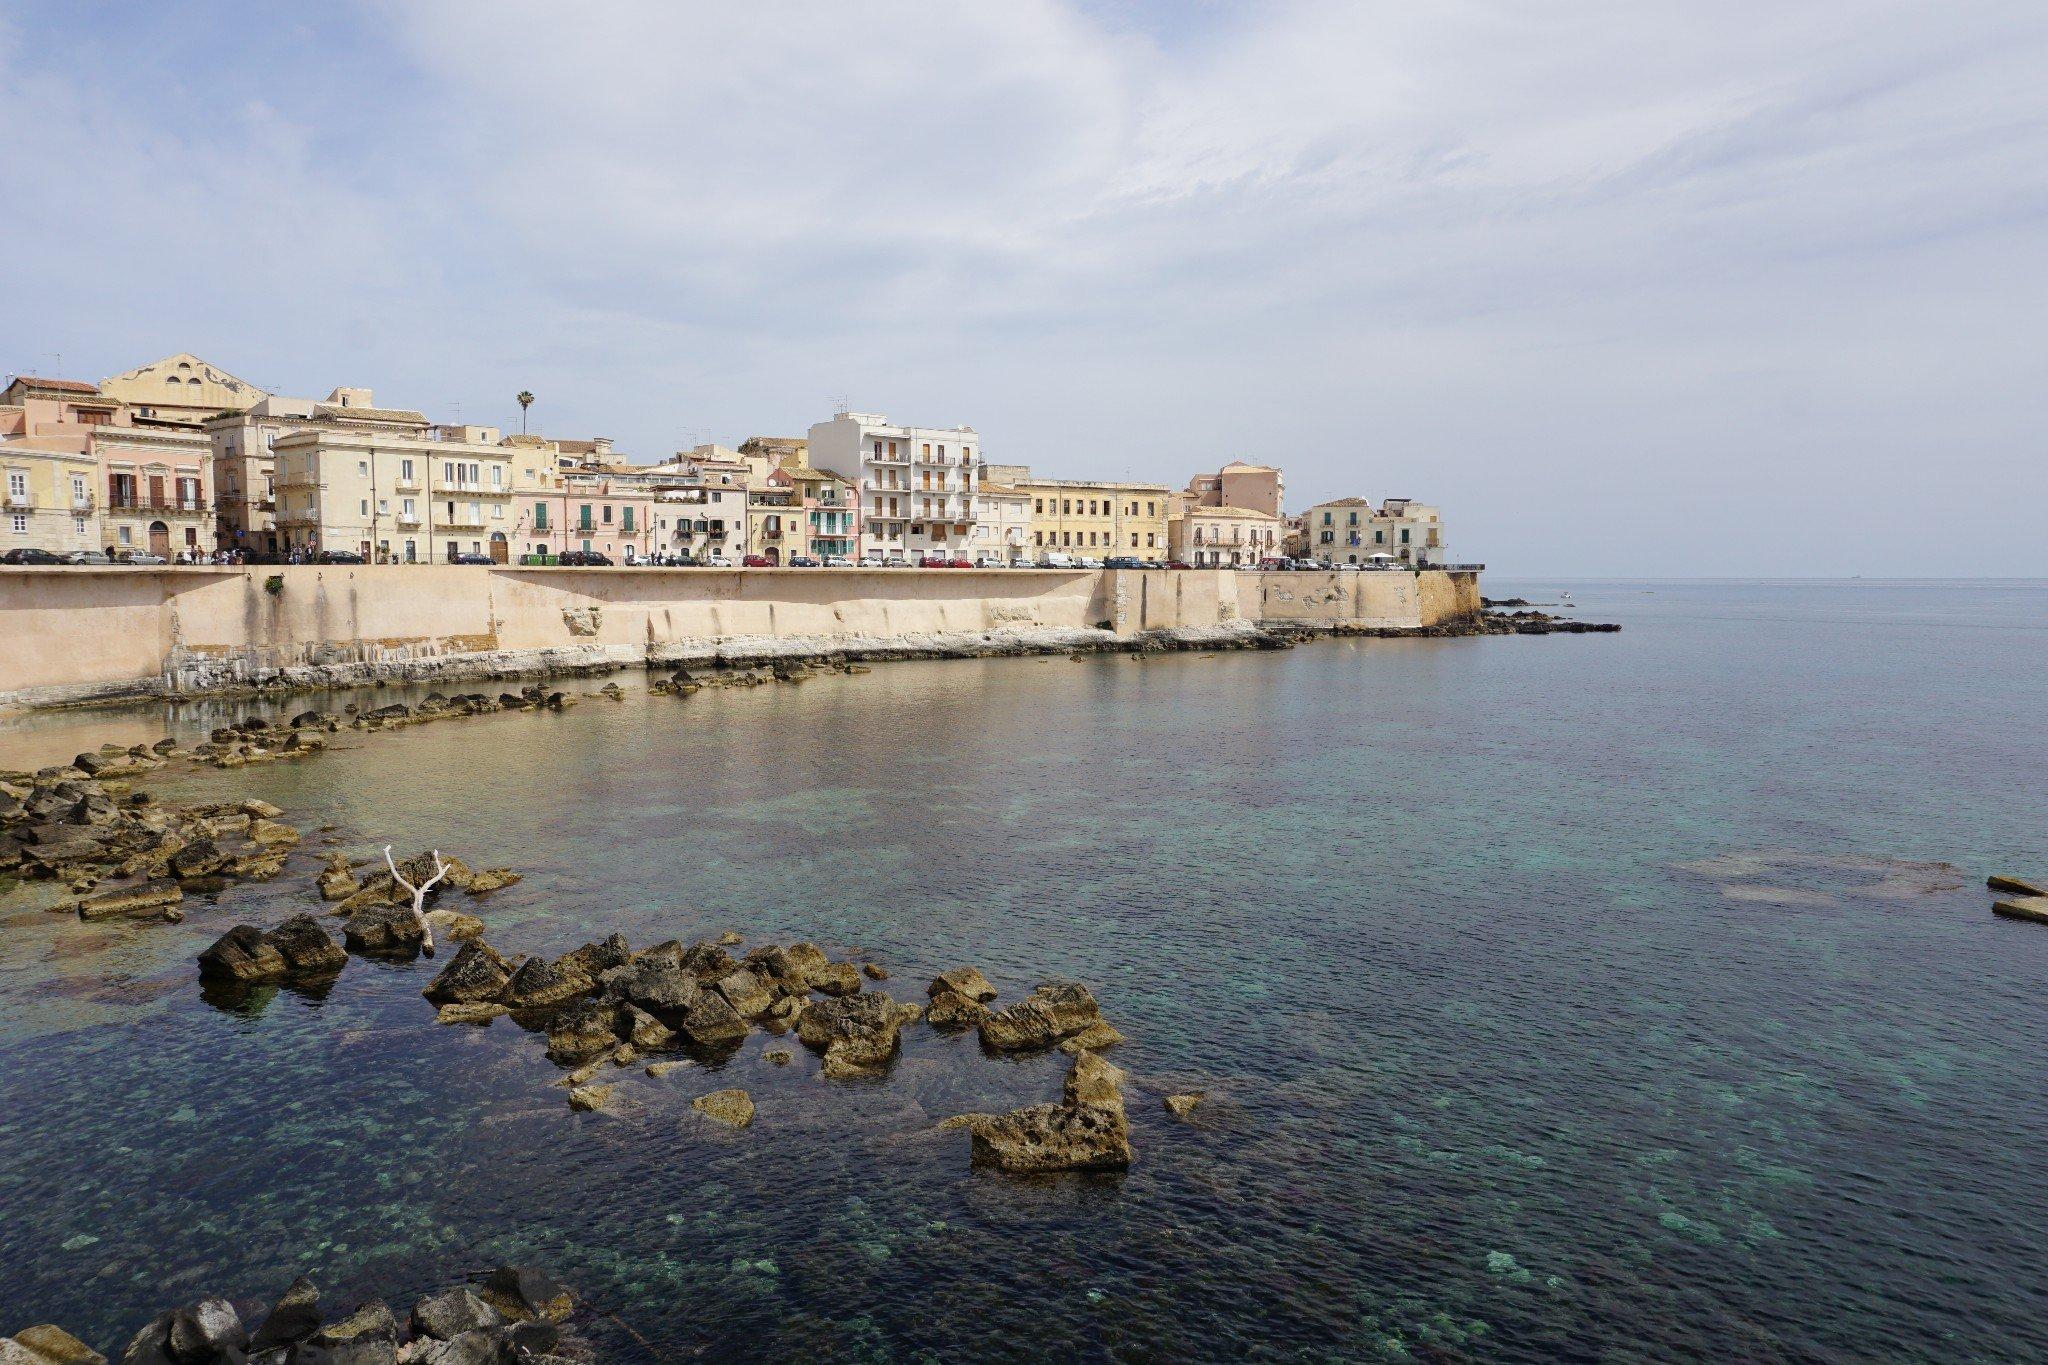 穿过阿尔玛菲来找你,我的西西里——(意大利南部15天深度游全景记录)